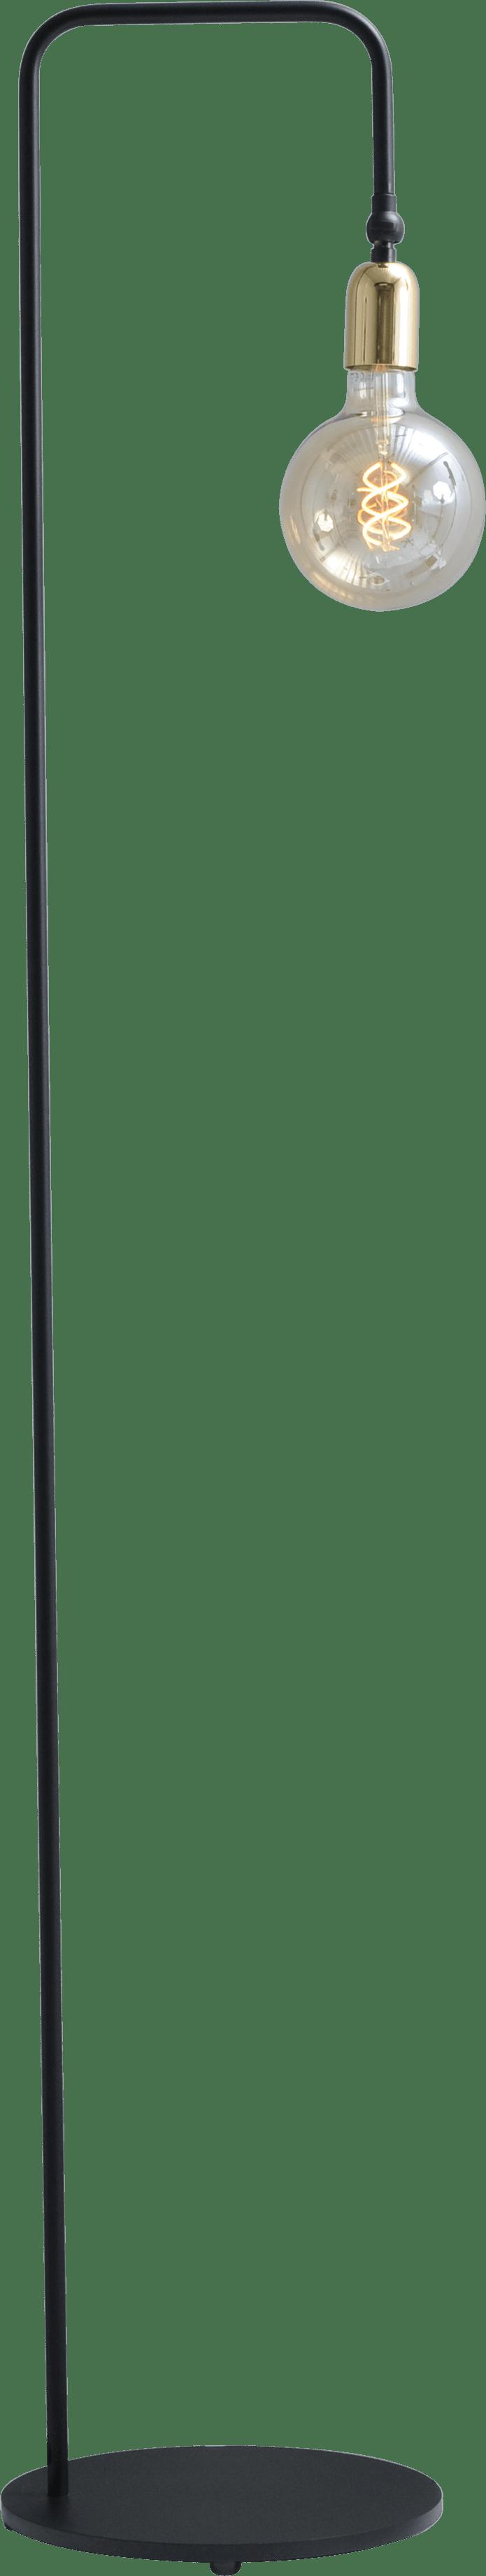 Octo VL OCTO 1LTS BLACK/SHINY BRASS H.153CM